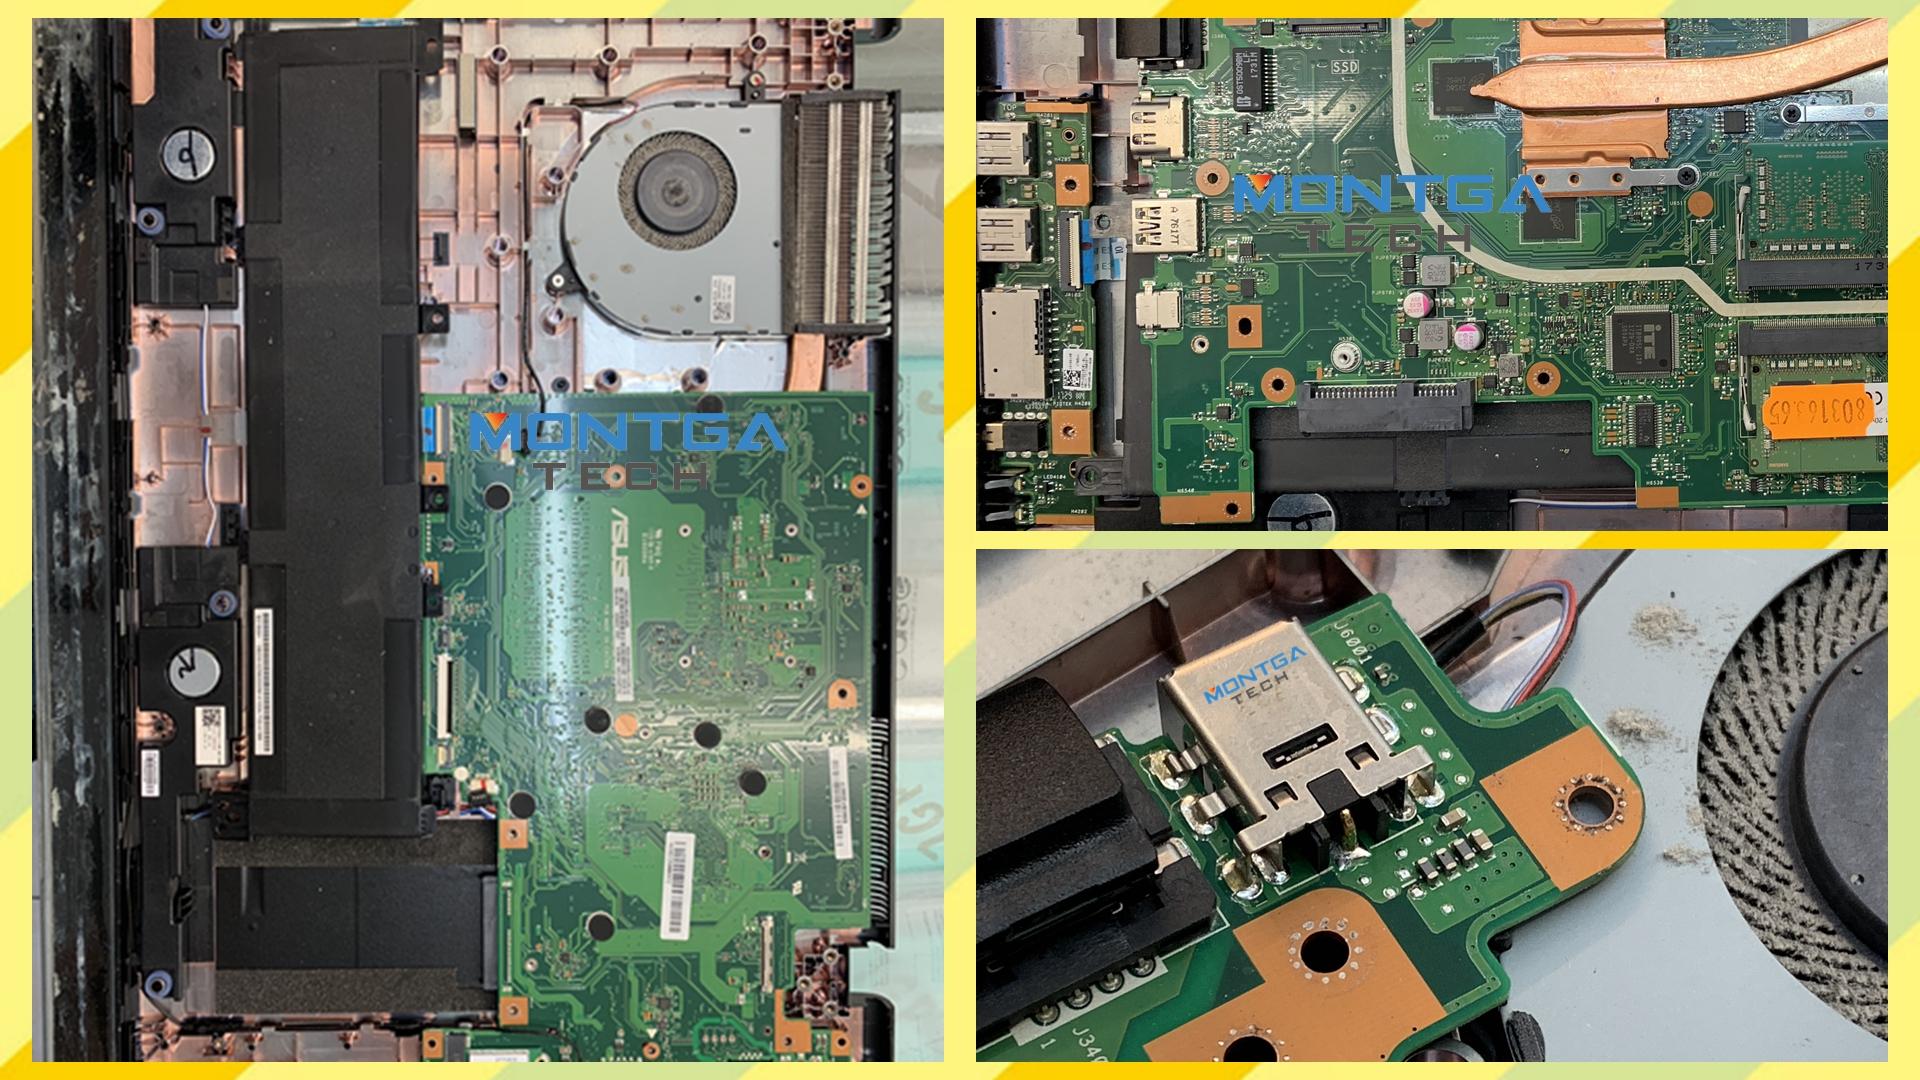 Réparation Asus G502VM DC Jack, Réparation Asus G502VM Jack alimentation, Réparation Asus G502VM Power Jack, Réparation Asus G502VM Prise Connecteur, Réparation Asus G502VM Connecteur alimentation, Réparation Asus G502VM connecteur de charge,changement Asus G502VM DC Jack, changement Asus G502VM Jack alimentation, changement Asus G502VM Power Jack, changement Asus G502VM Prise Connecteur, changement Asus G502VM Connecteur alimentation, changement Asus G502VM connecteur de charge,